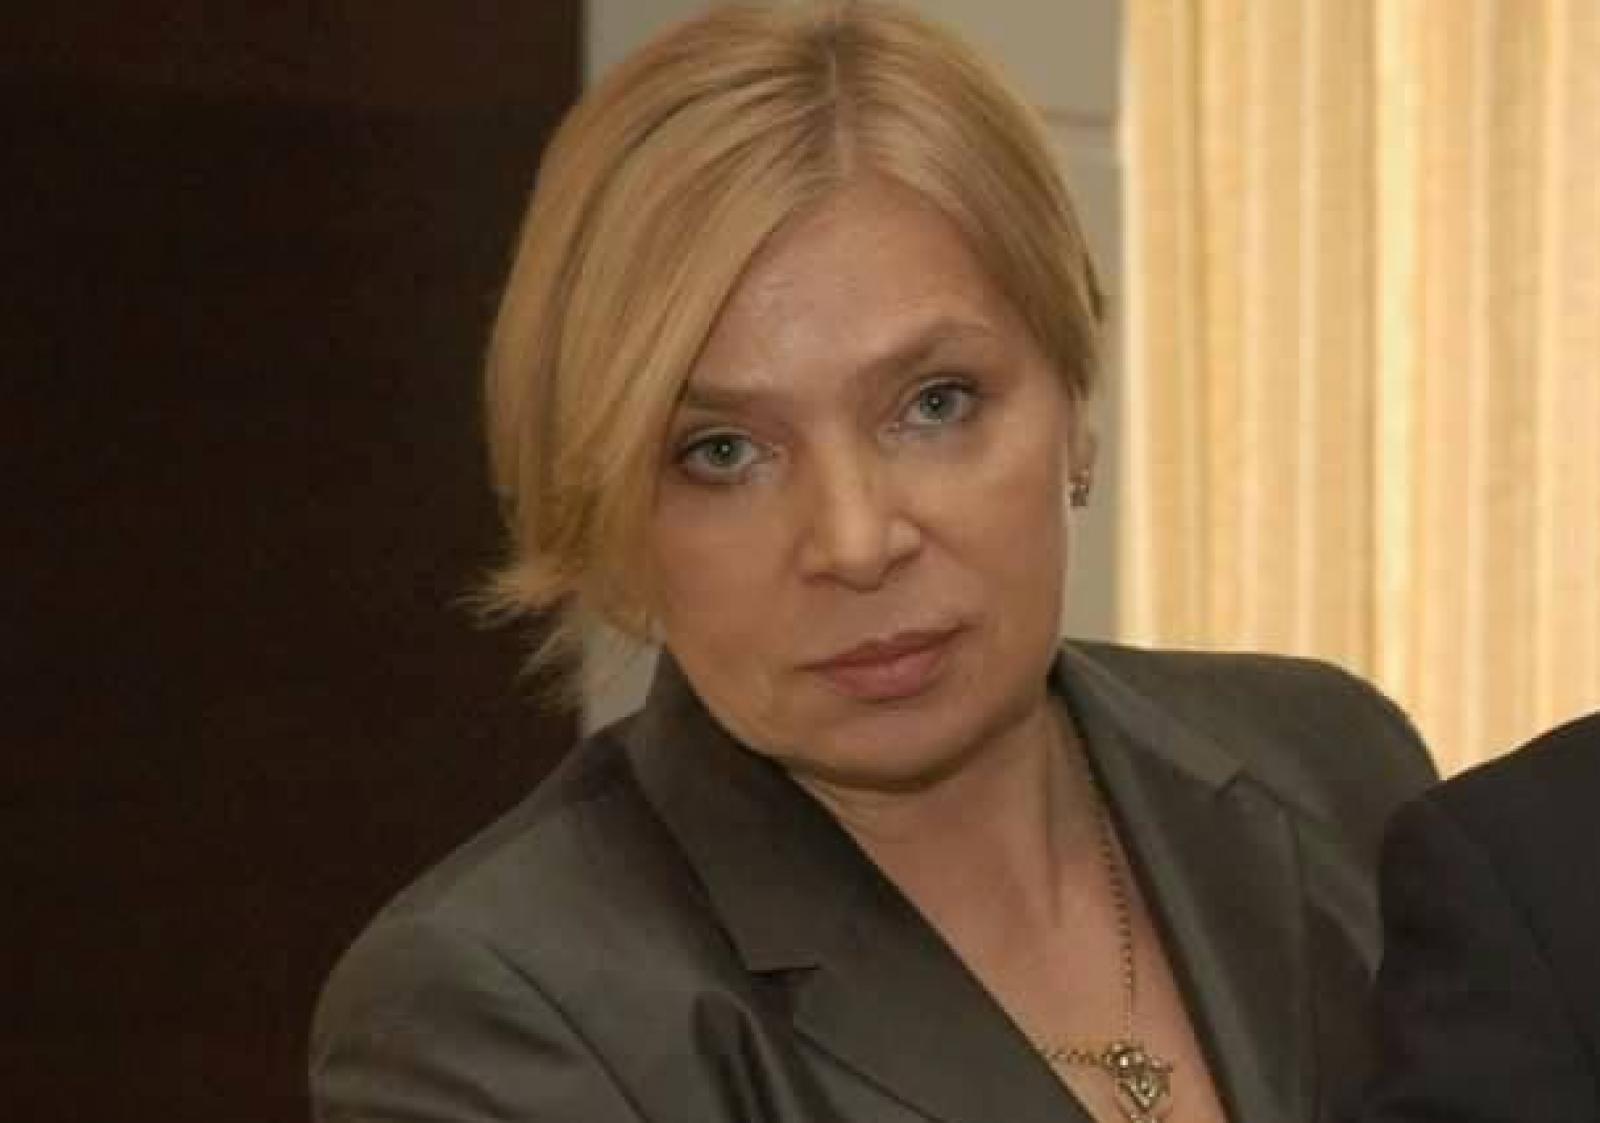 Doliu în cultura moldovenească. S-a stins din viață Elena Fedcu, regizoare la Filarmonica Națională